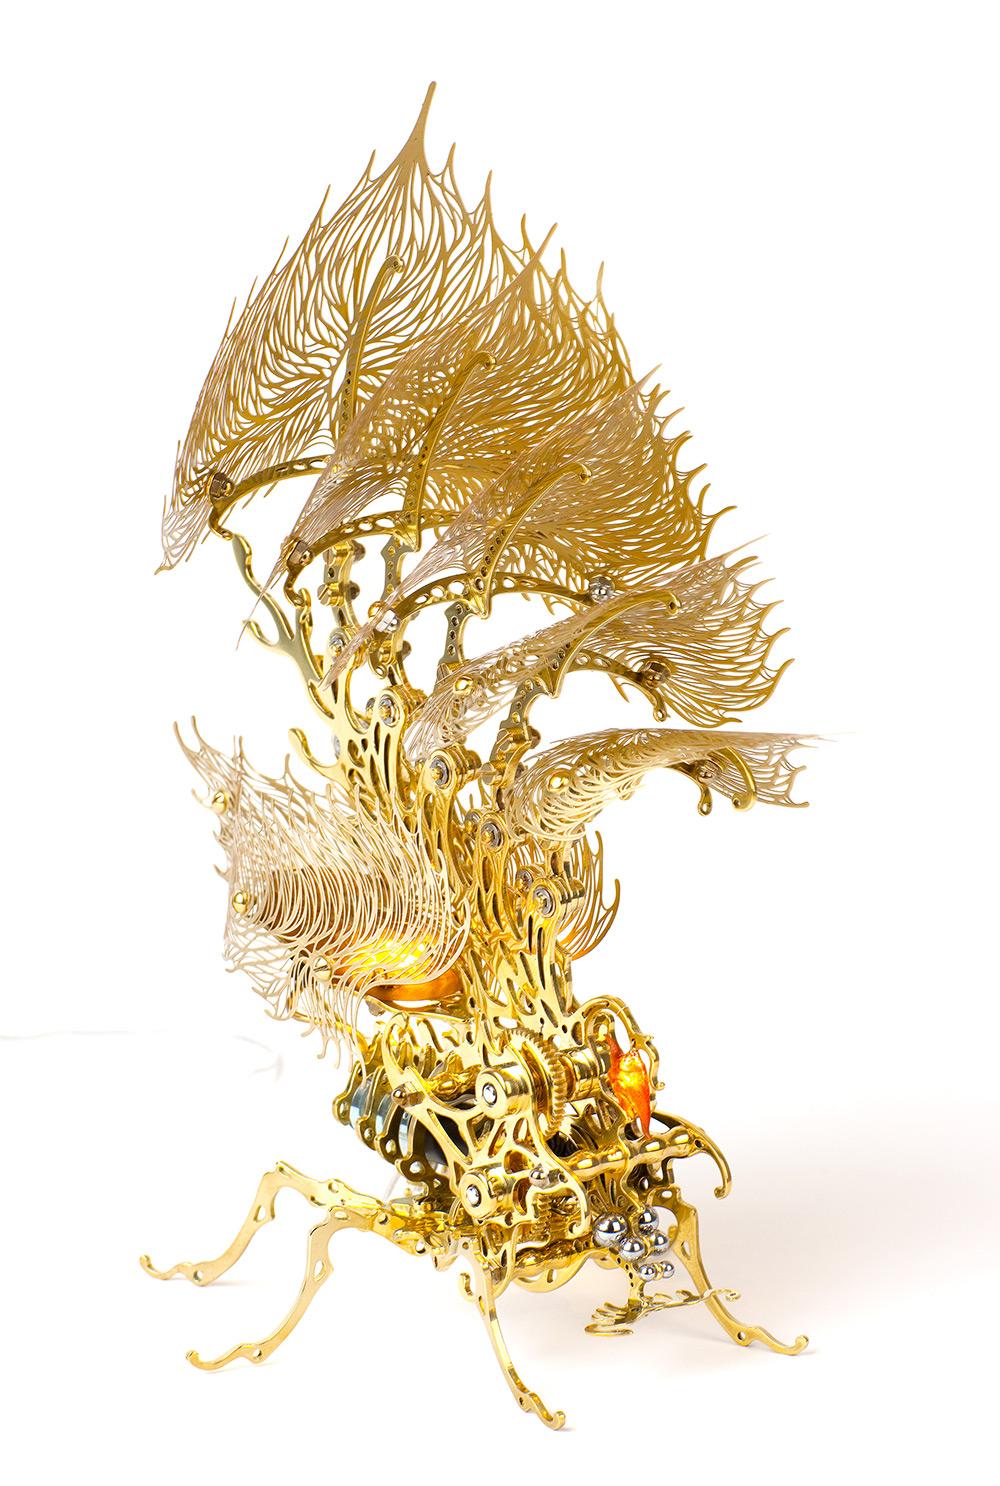 Лампы-насекомые от У-Рам Чхве